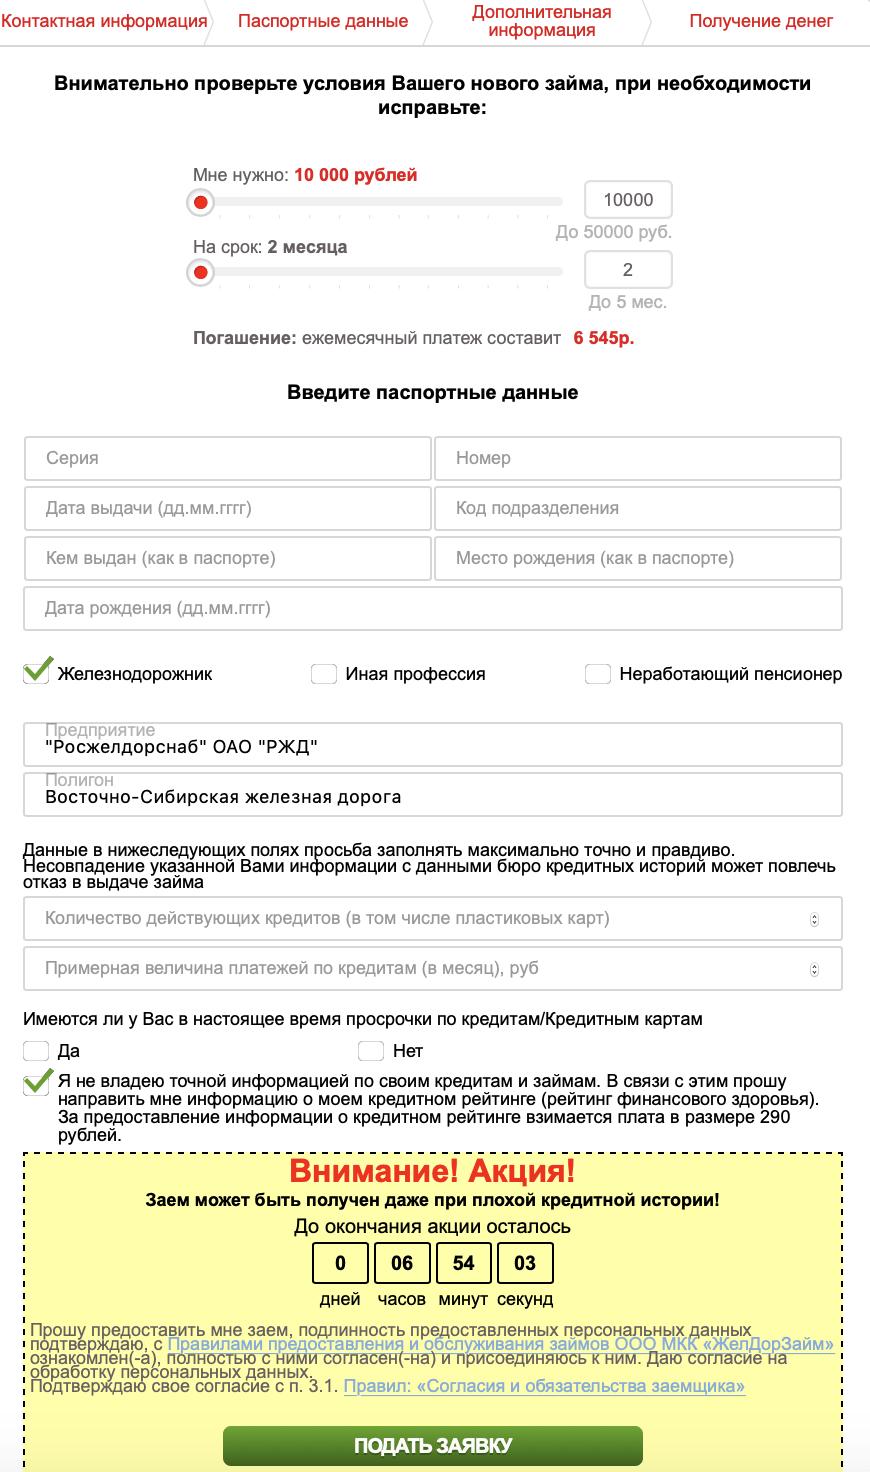 Регистрация в личном кабинете Желдорзайм